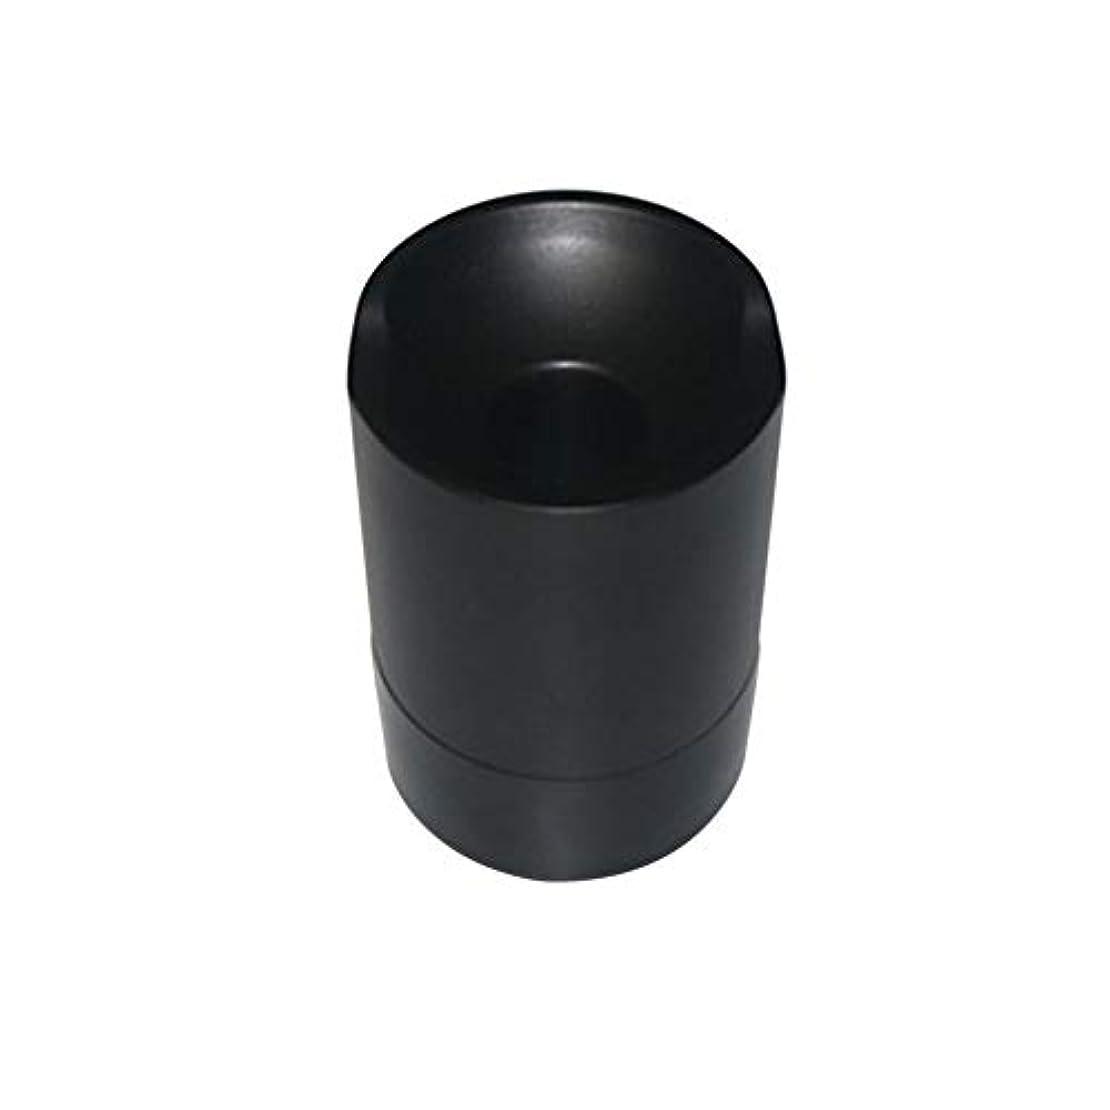 後ろに密あなたのものJuleyaing 多機能 筆圧ペンホルダー ベース Wacom Intuos/Intuos Pro/Bamboo シリーズ対応 - タッチ スタイラス スタンド コンテナ ペン芯 収納ケース ボックス